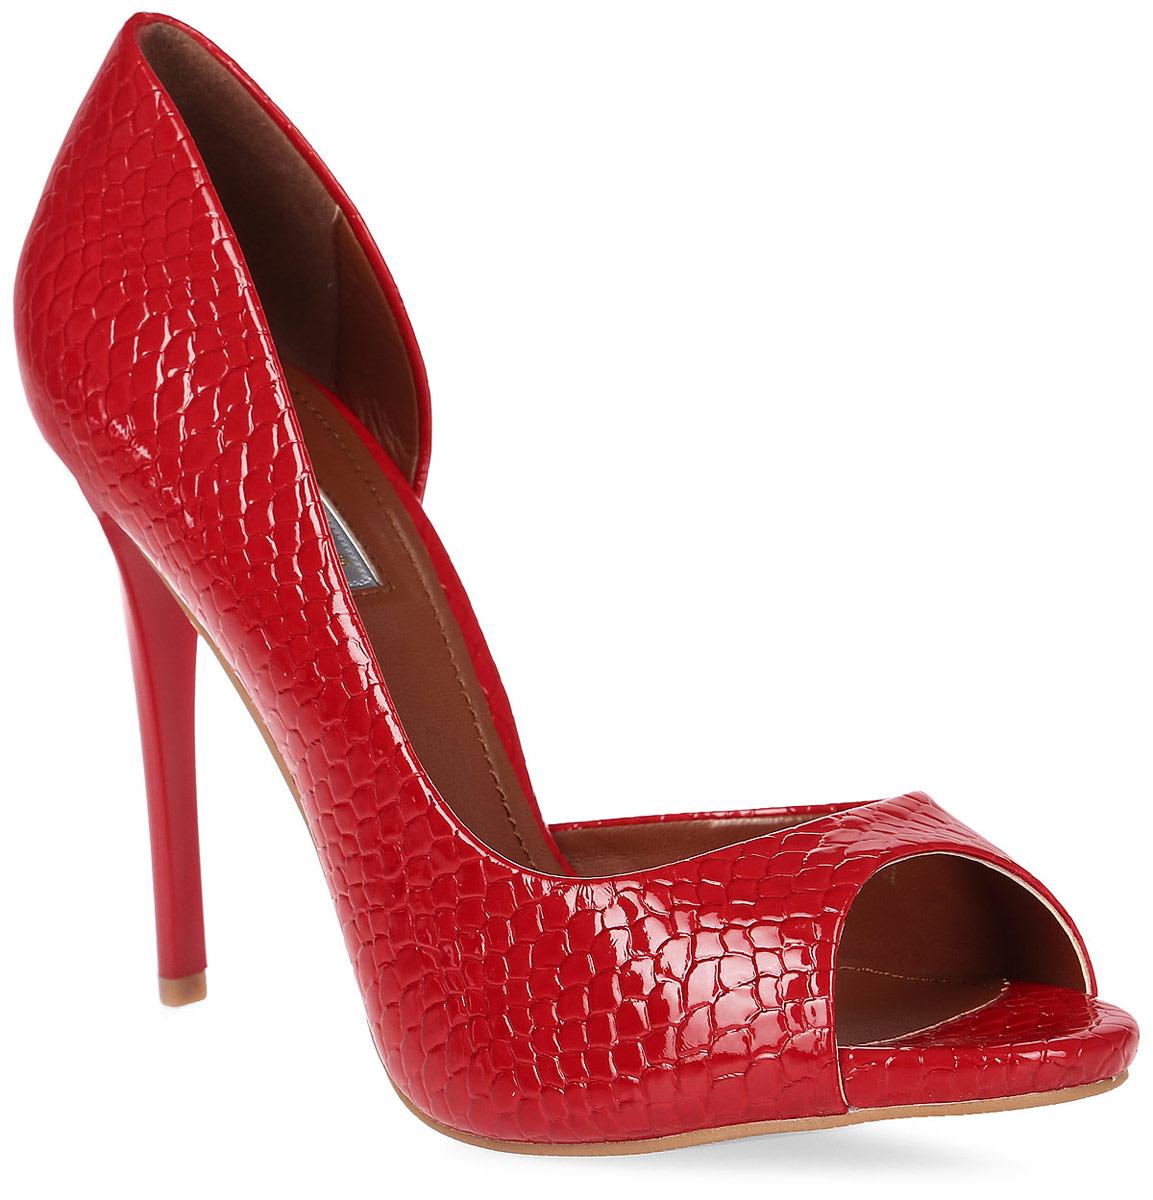 Туфли женские Inario, цвет: красный. 17007-01-5. Размер 4017007-01-5Элегантные туфли Inario с открытым мыском выполнены из искусственной кожи с тиснением под рептилию. Внутренняя поверхность и стелька из искусственной кожи обеспечат комфорт при движении. Подошва выполнена из полимера. Модель имеет высокий устойчивый каблук-шпильку.